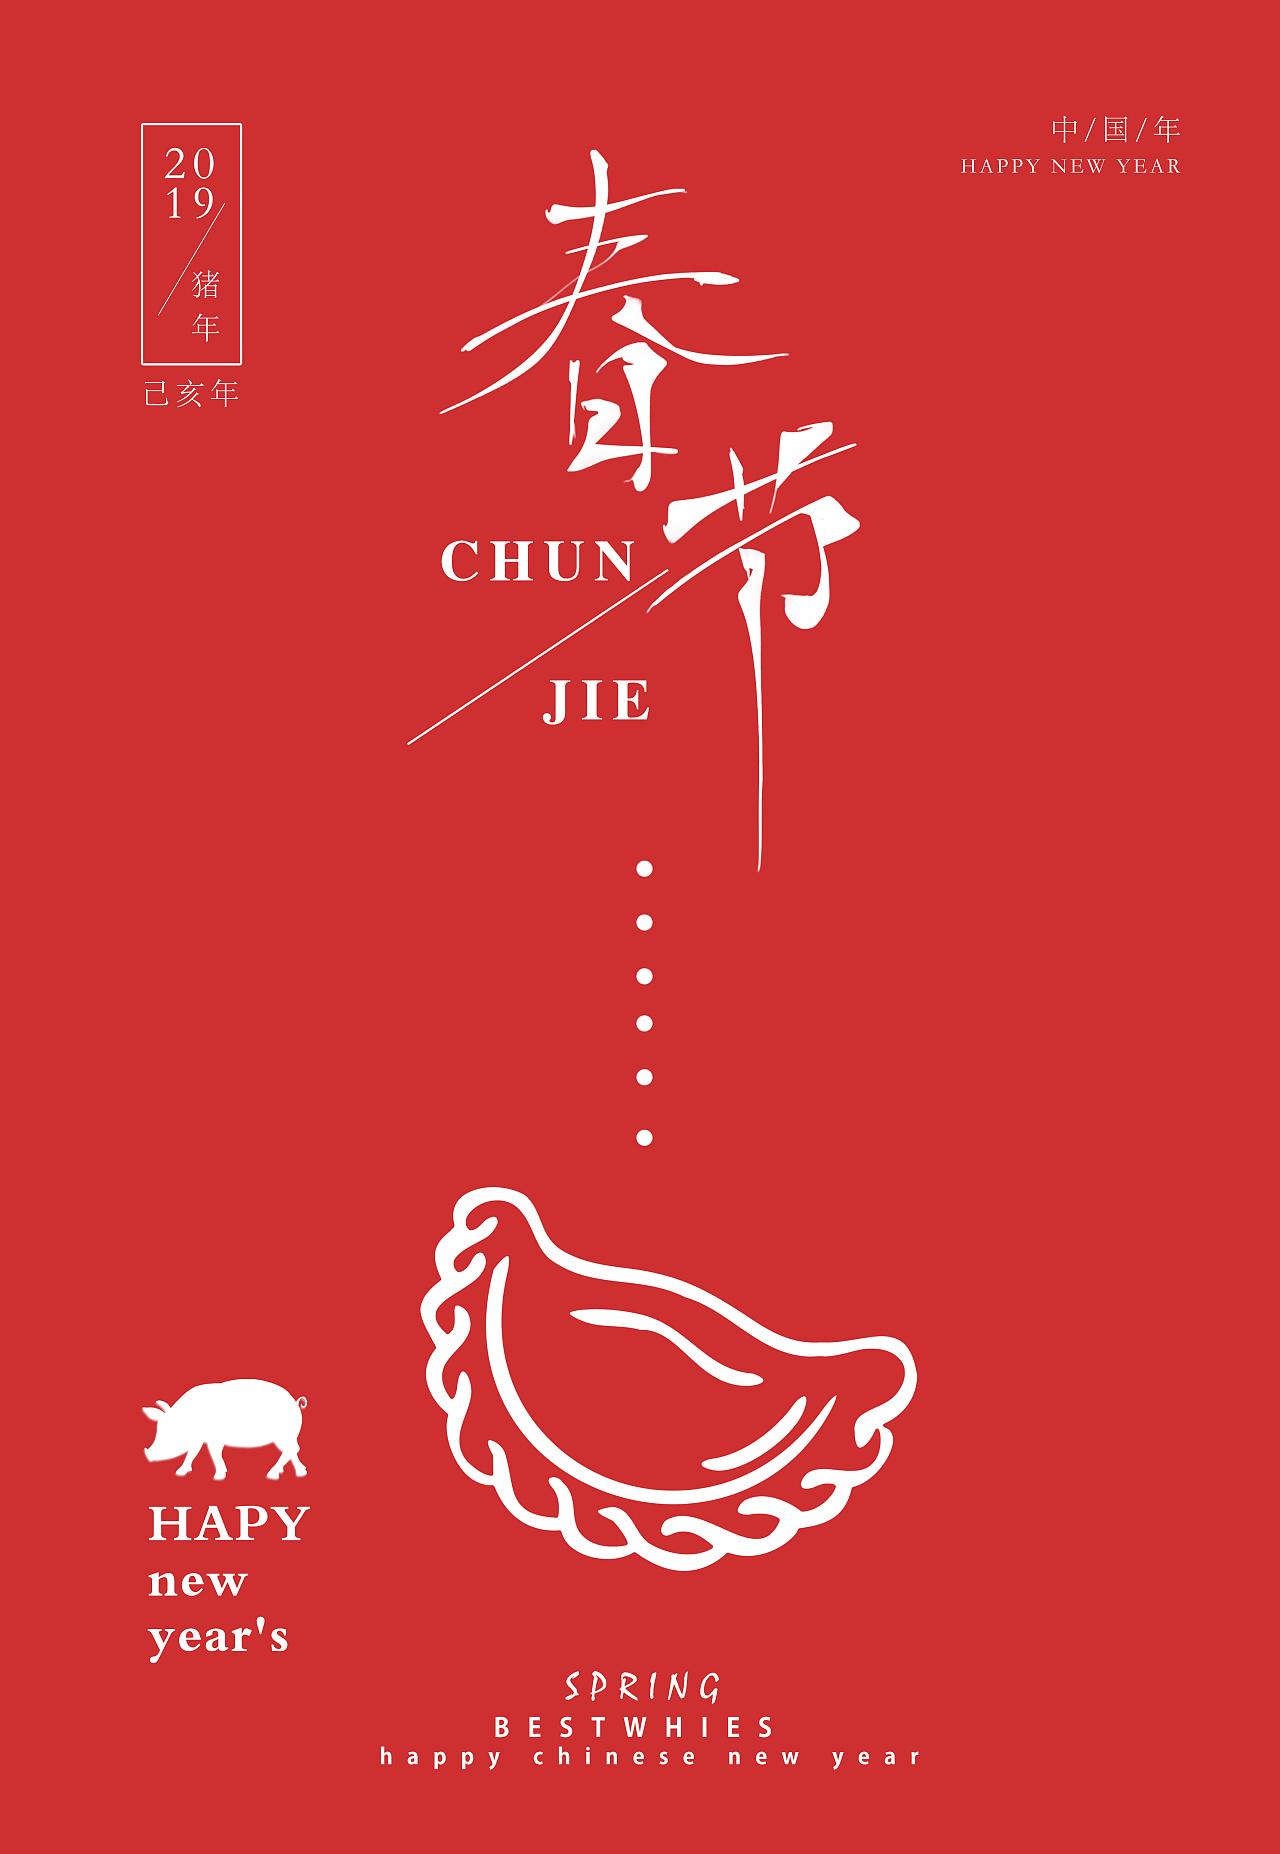 春节简约手绘海报